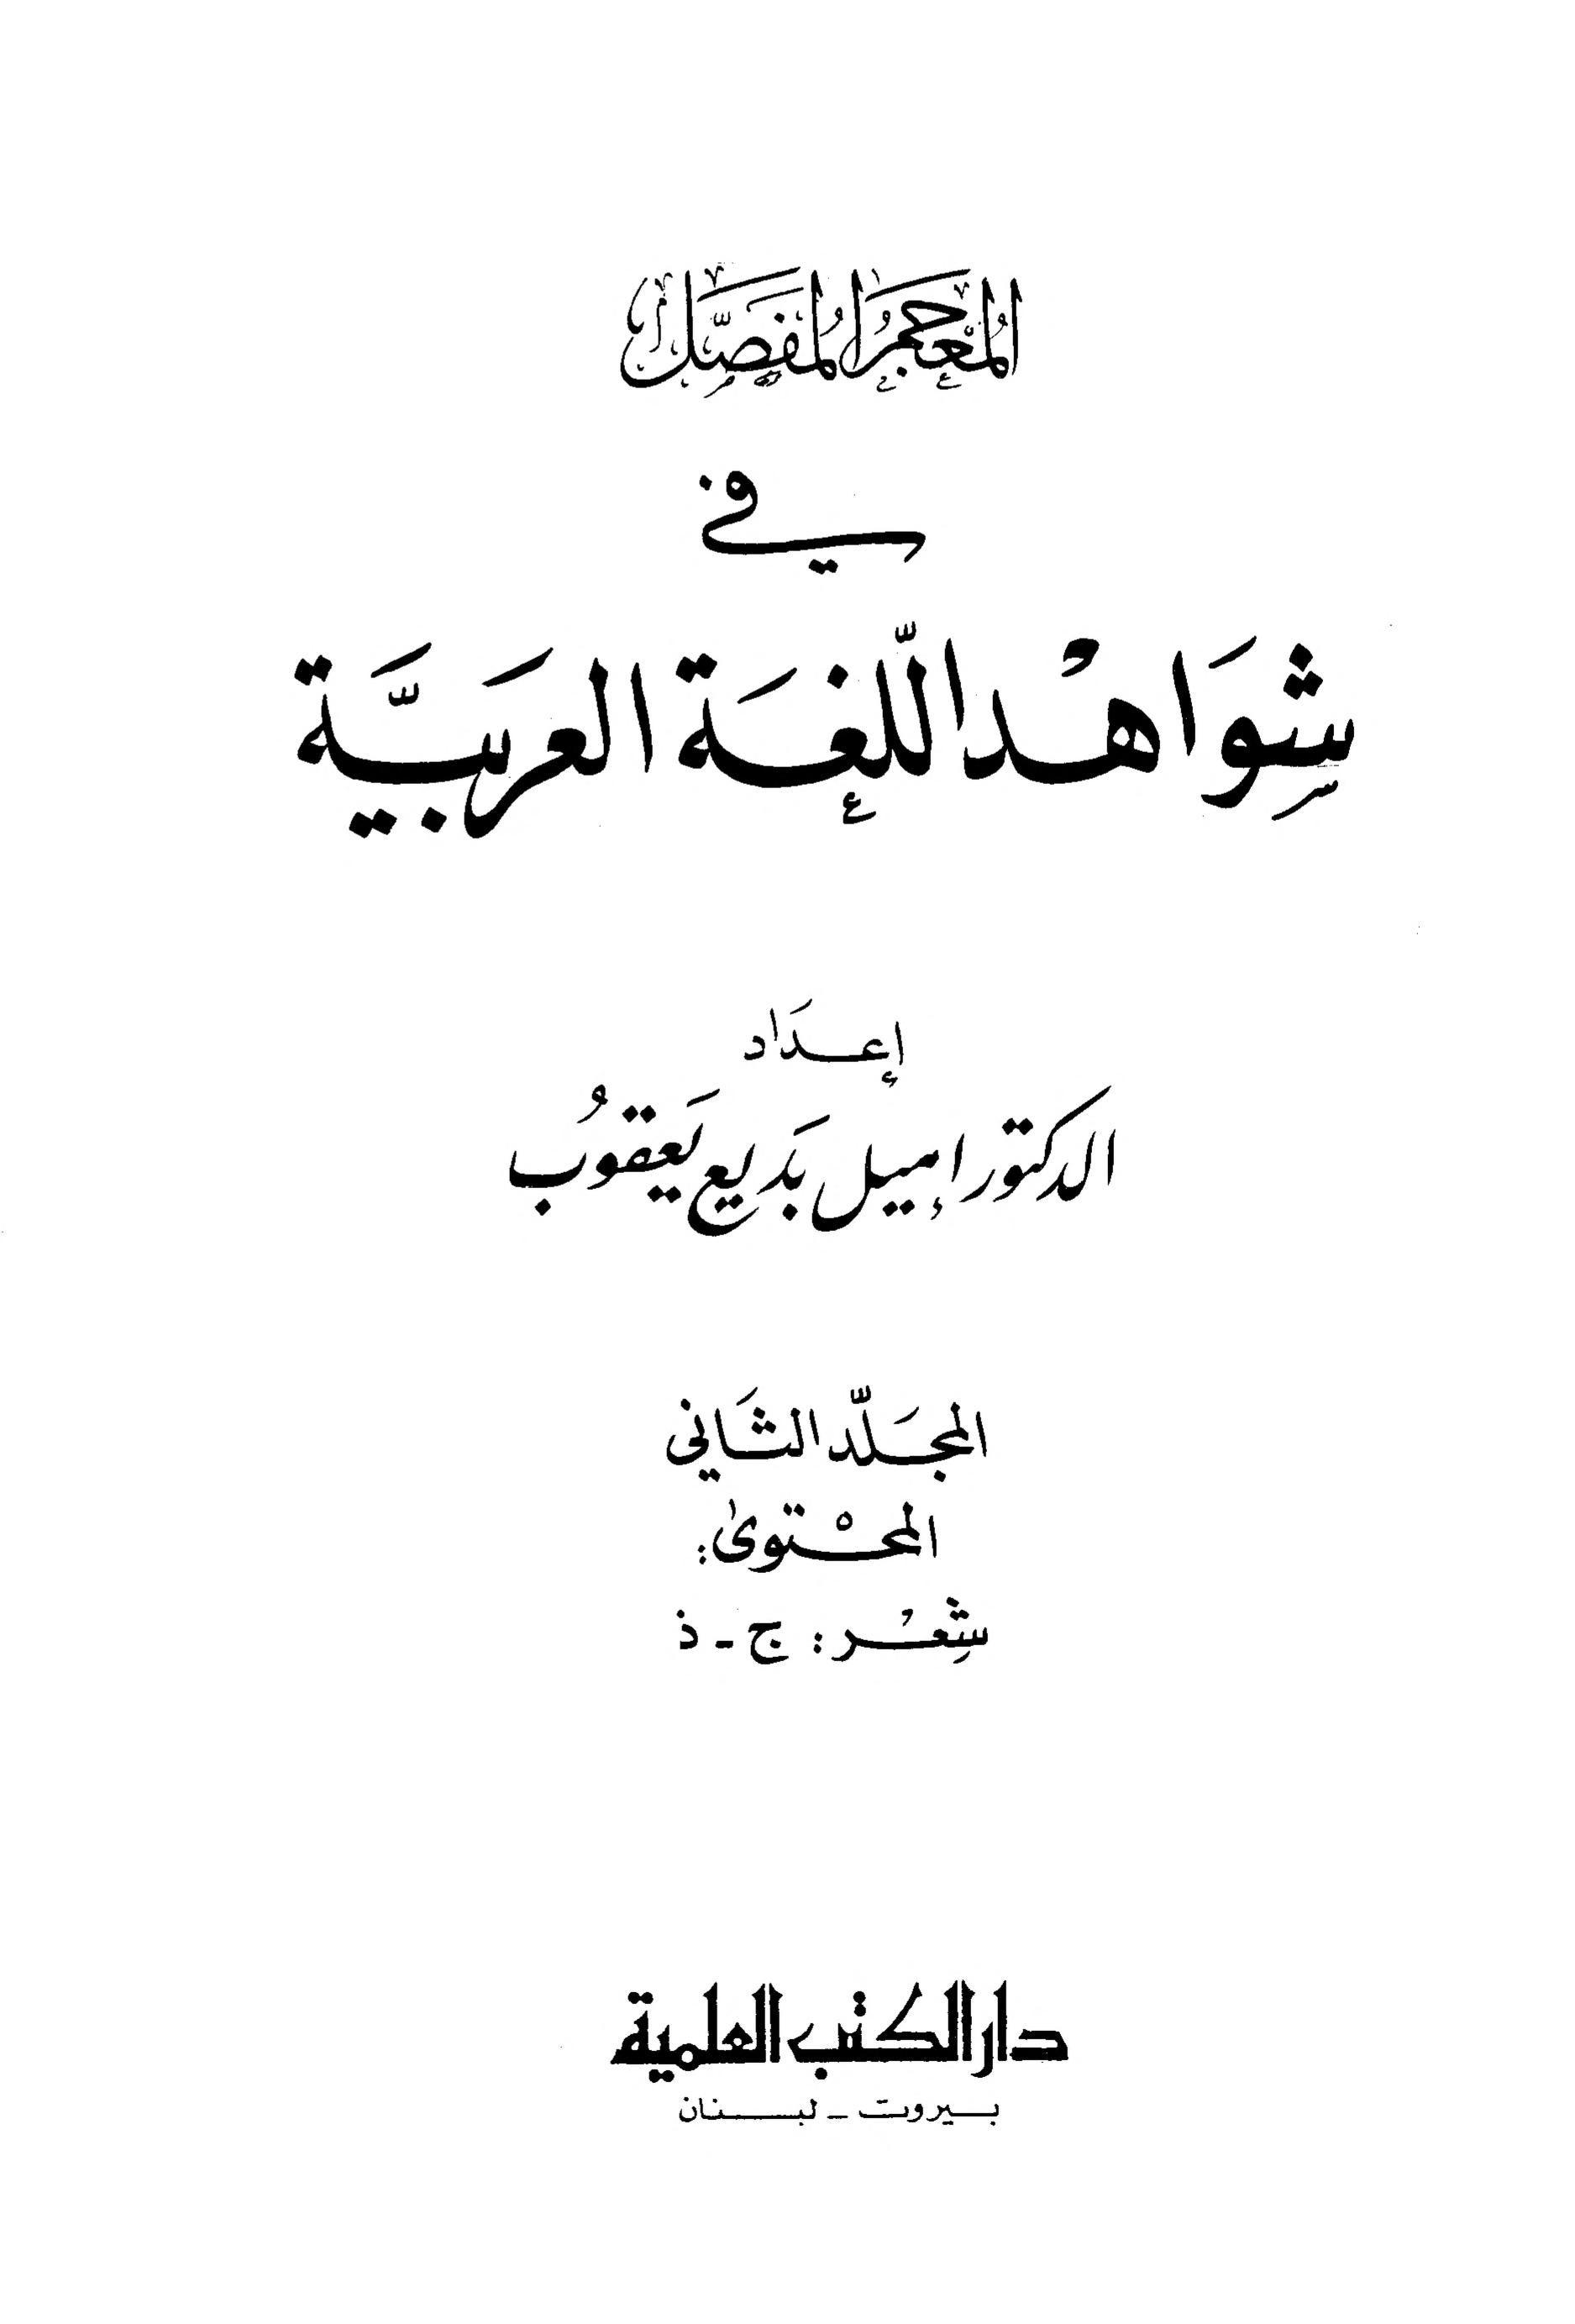 المعاجم اللغوية مجموعة متميزة وشاملة من معاجم اللغة العربية Free Download Borrow And Streaming Internet Archive In 2021 Streaming Books Math